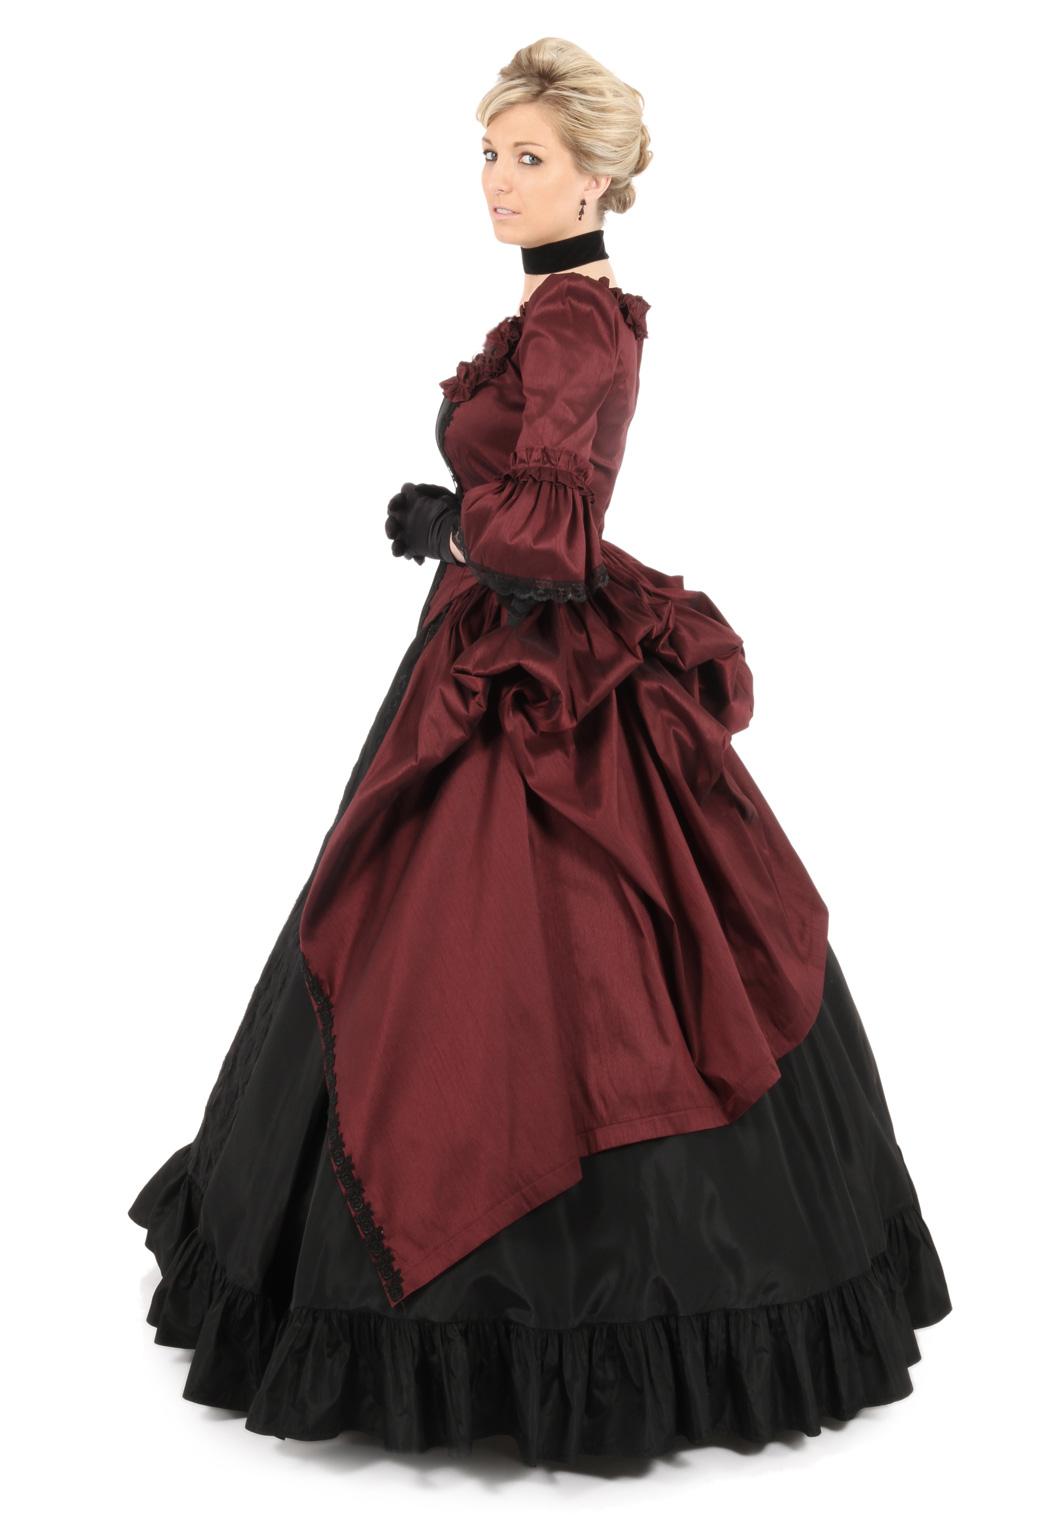 Bernardina Fancy Ball Gown | Recollections